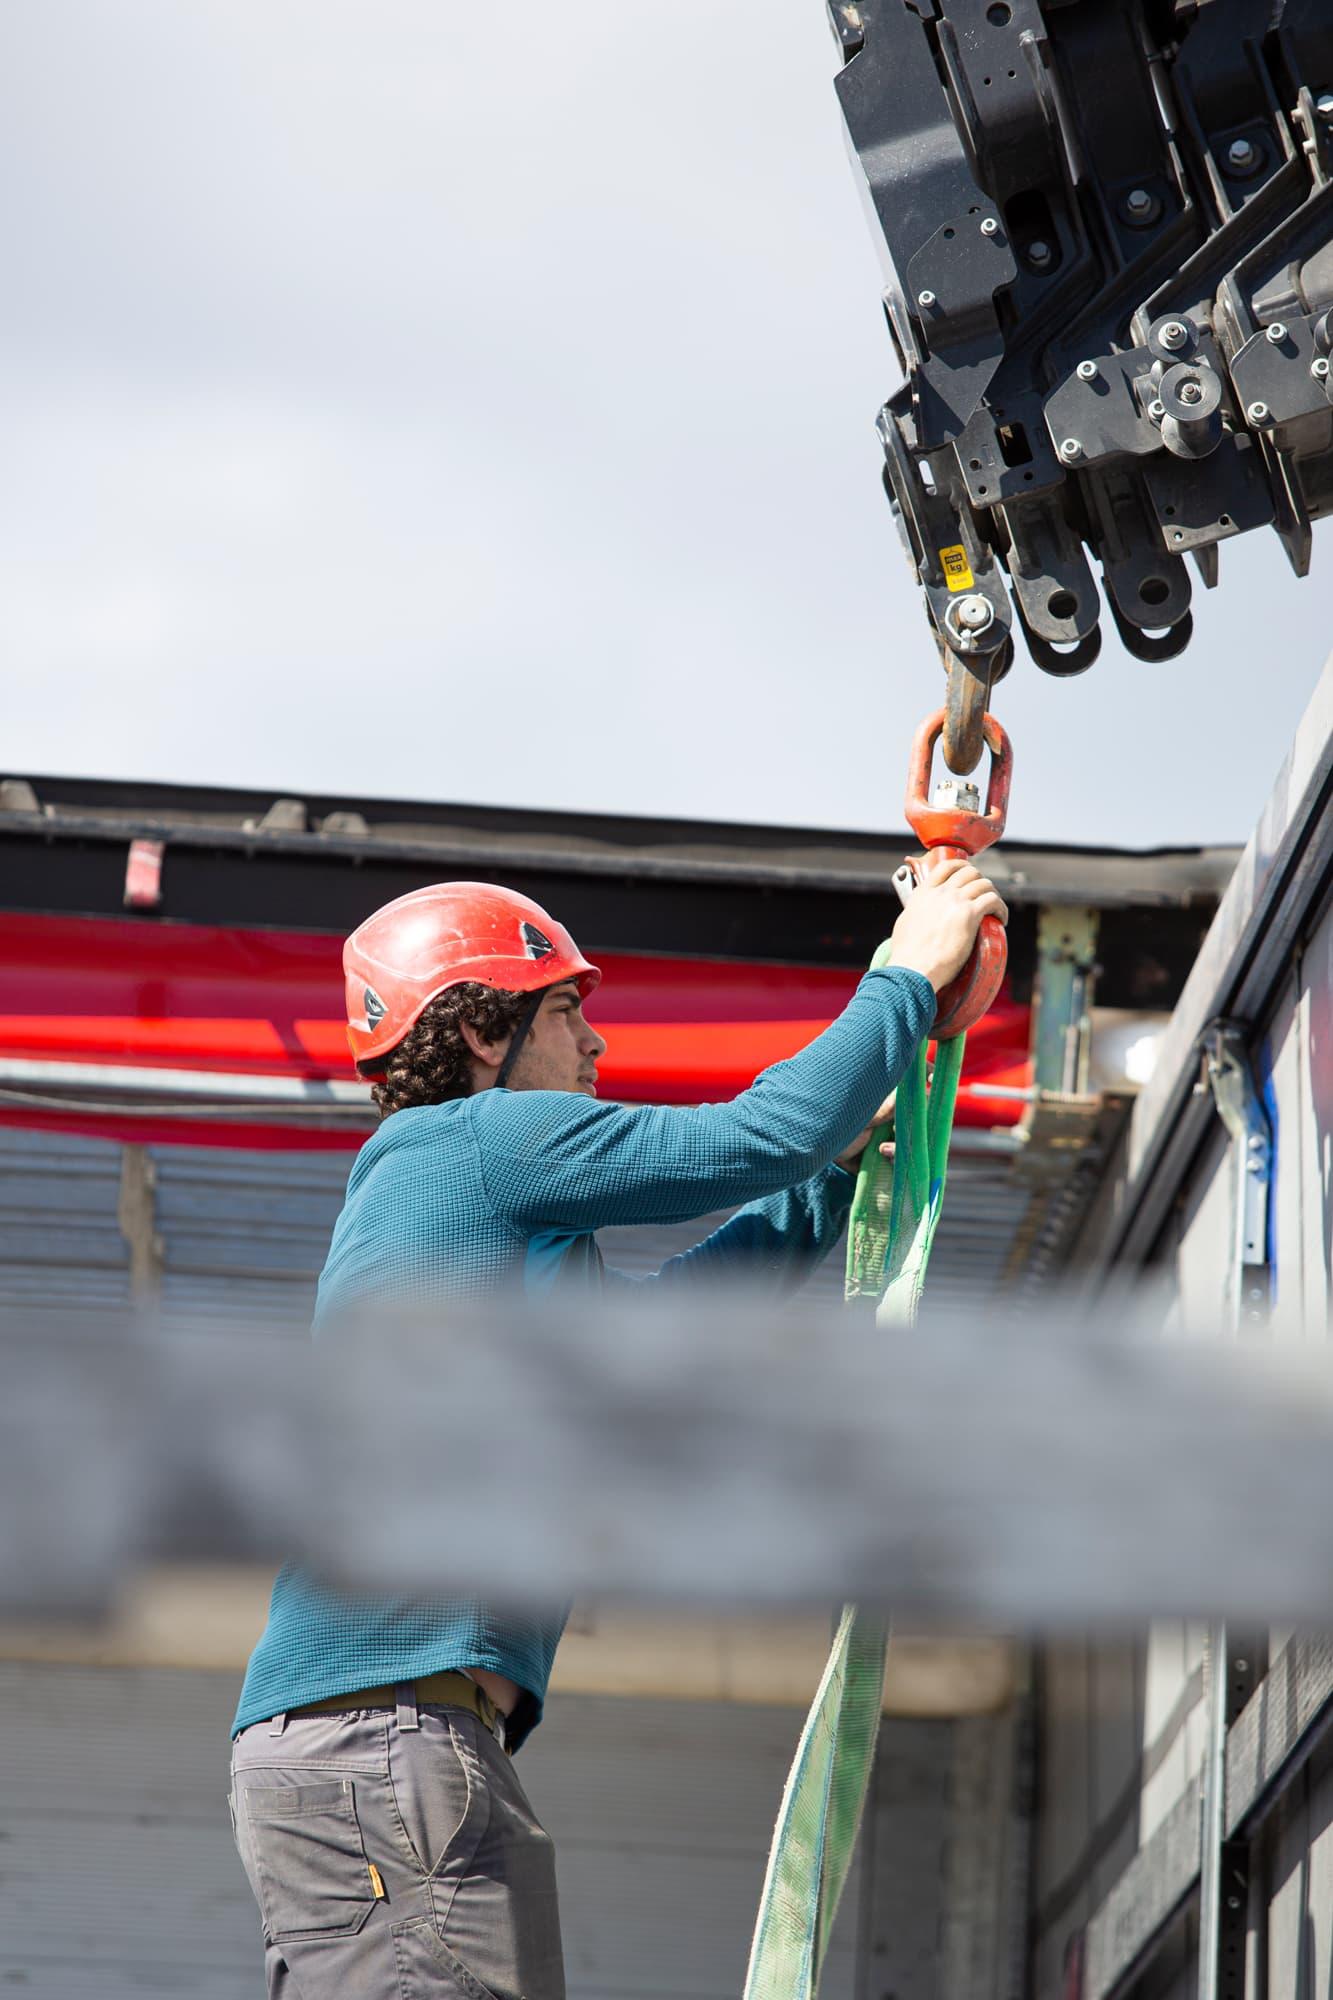 ouvrier en train de suspendre un câble